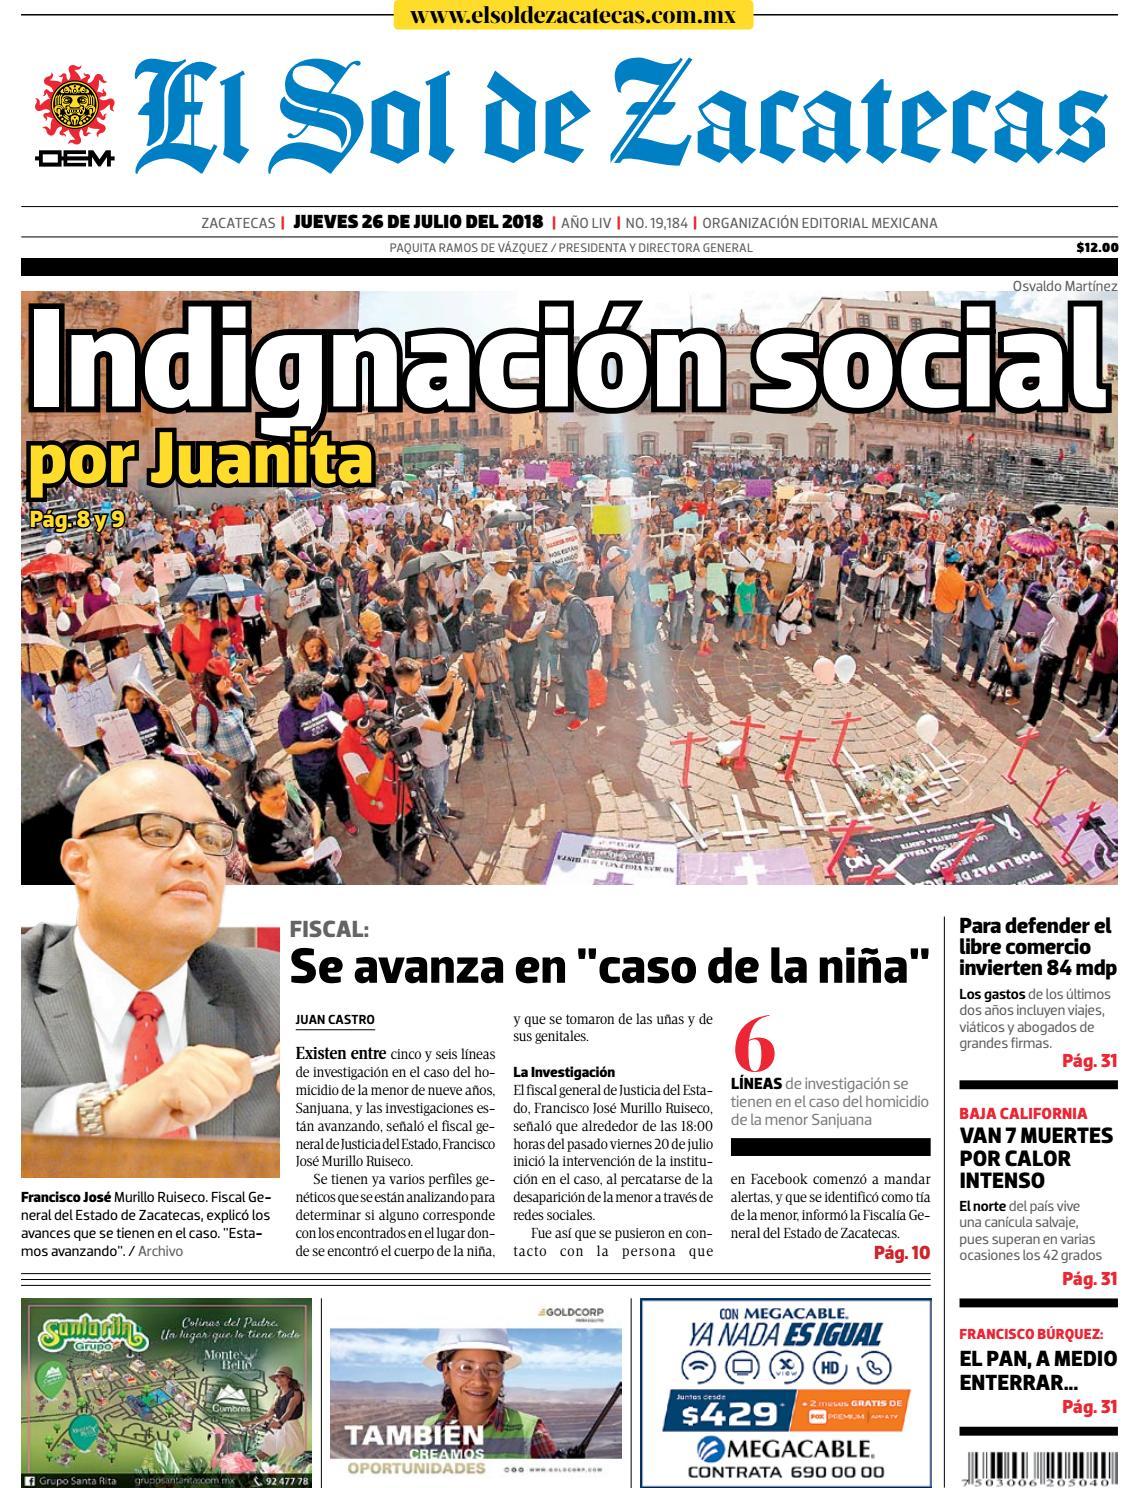 El Sol de Zacatecas 26 de julio 2018 by El Sol de Zacatecas - issuu fbe12edc013